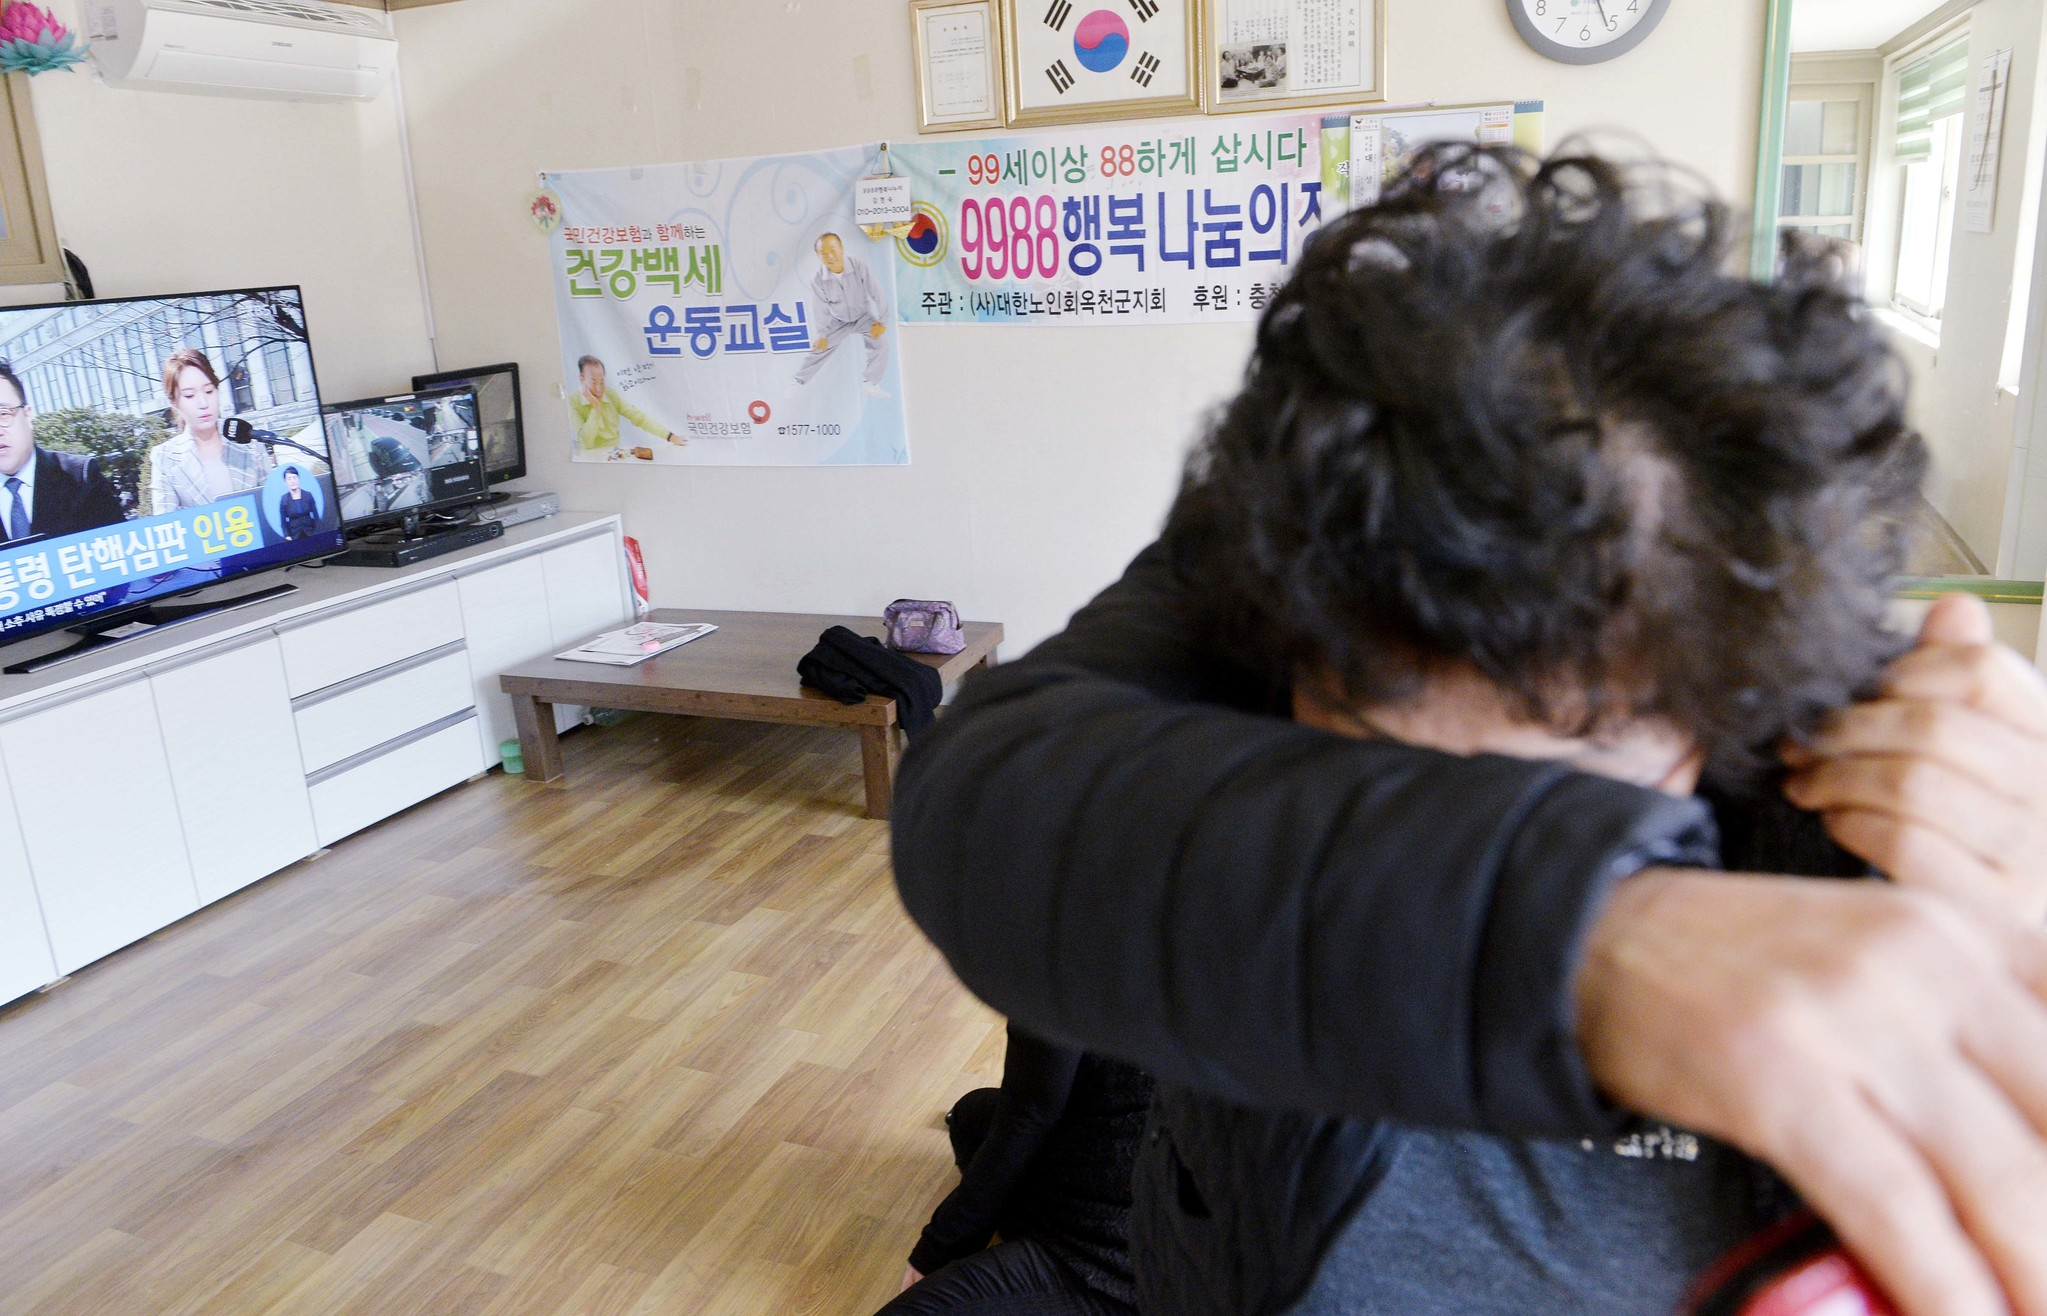 10일 오전 헌법재판소가 박근혜 대통령 탄핵심판 사건의 선고 재판에서 파면 결정을 내리자 TV를 보던 주민이 밖으로 나가고 있다. 옥천=프리랜서 김성태